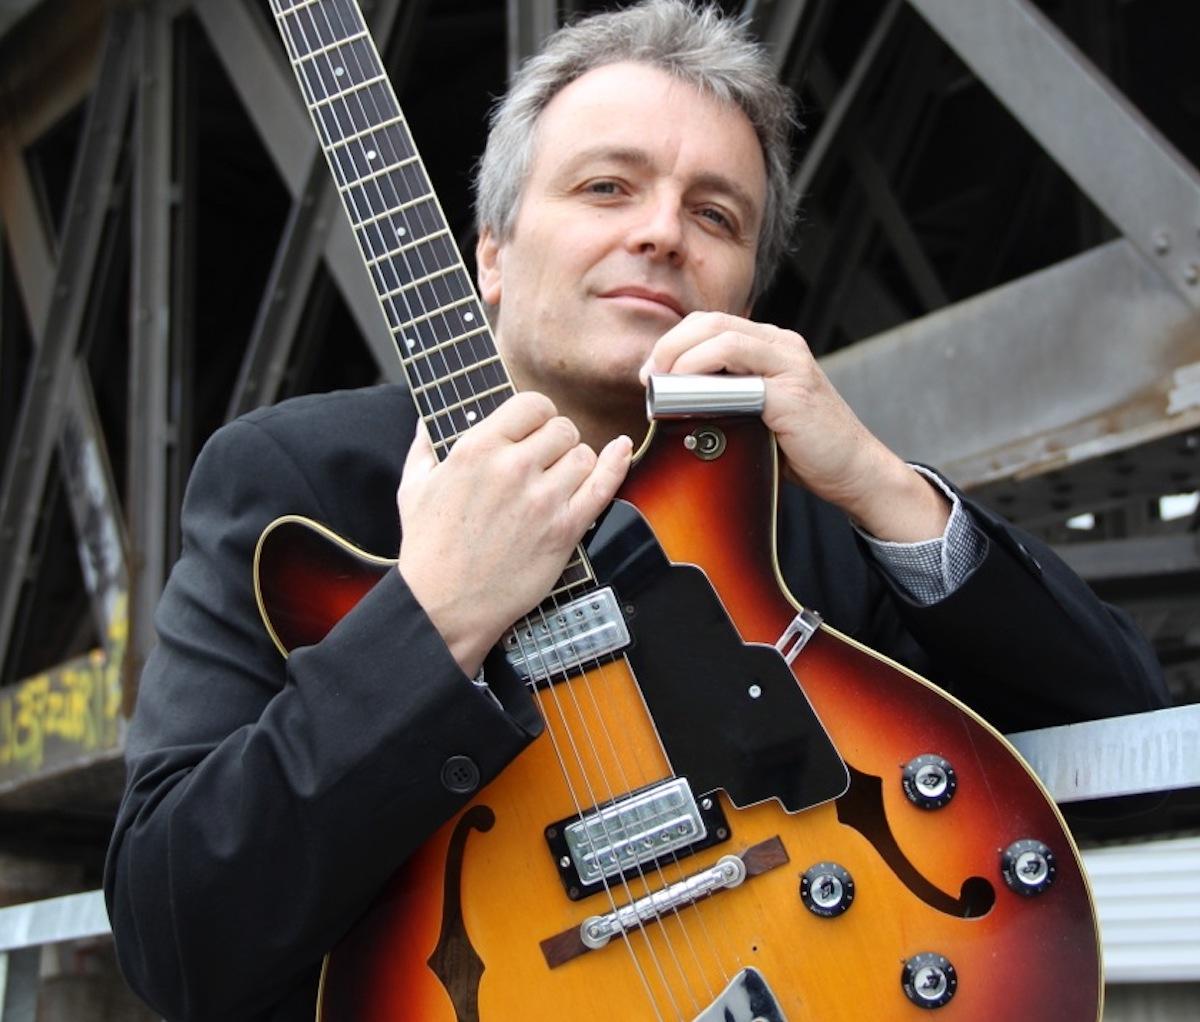 Der Blues macht ihn melancholisch: Richard Koechli.